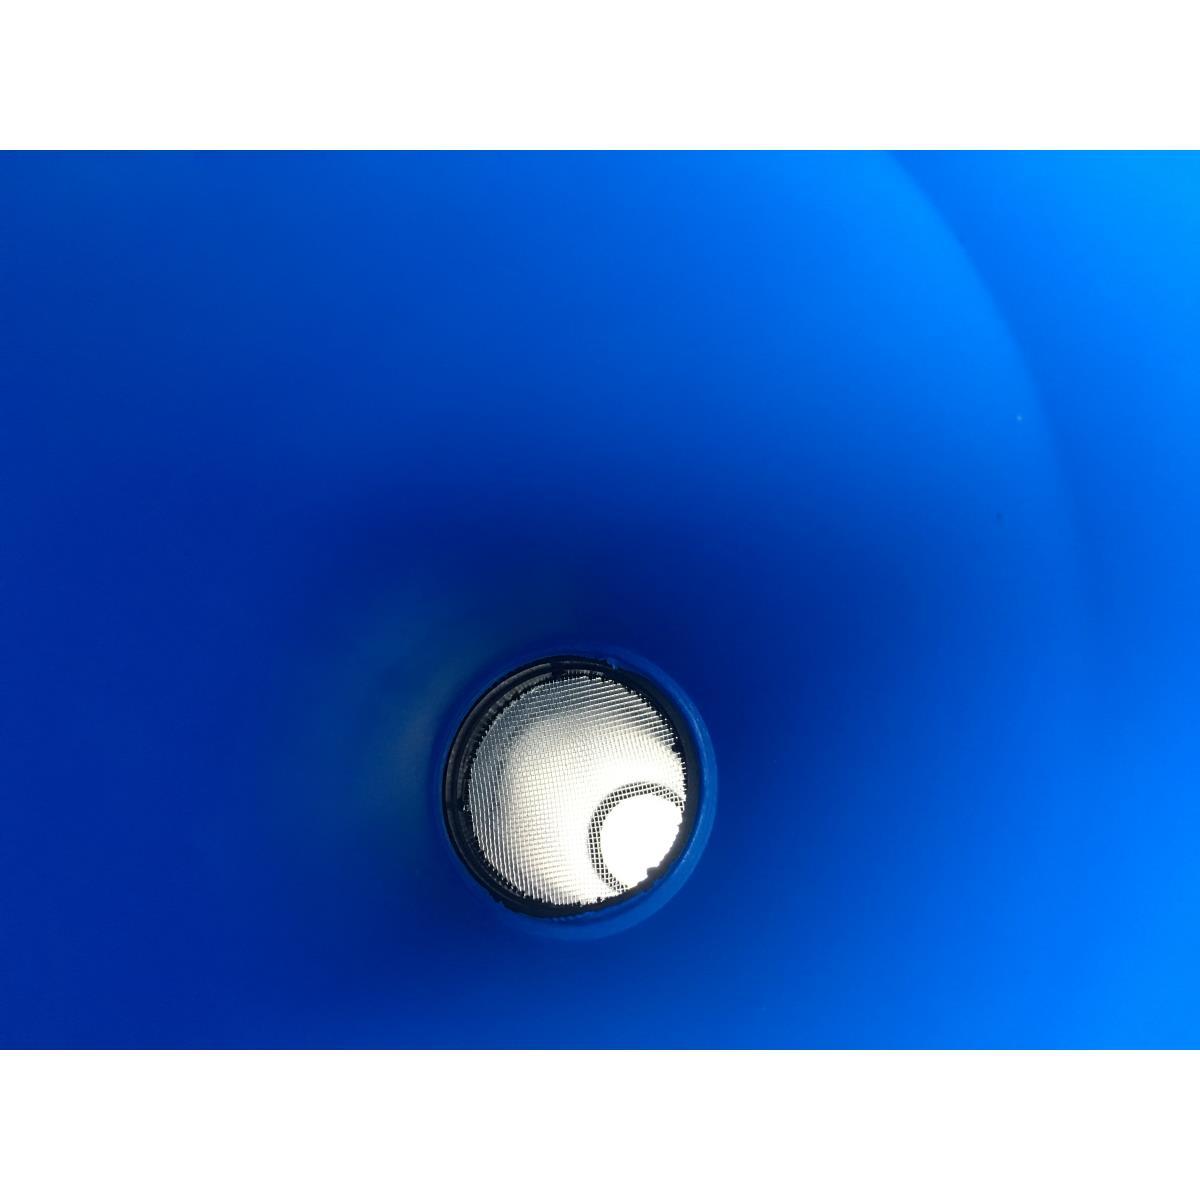 Einfülltrichter Fülltrichter Kunststoff Trichter mit Metallsieb Ø 12 cm ,noname,000051012352, 5904720091025